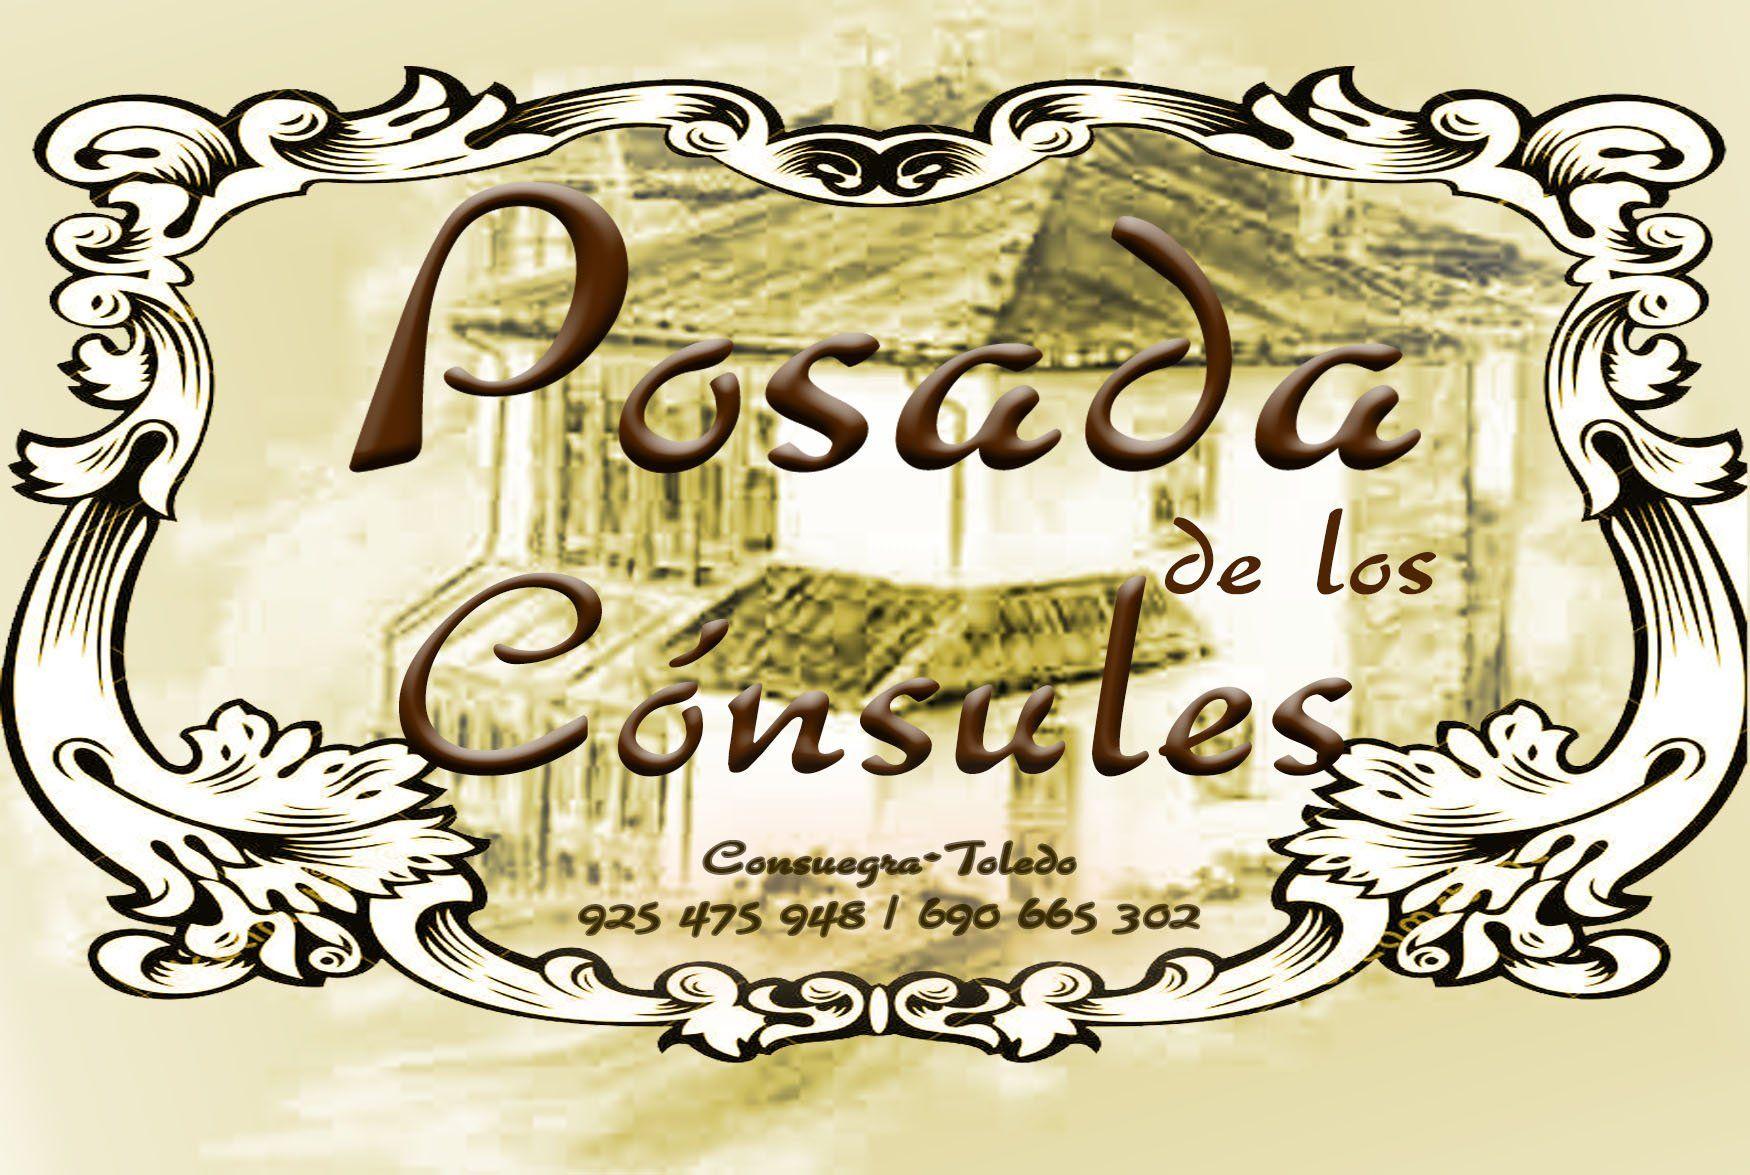 Posada de los Cónsules